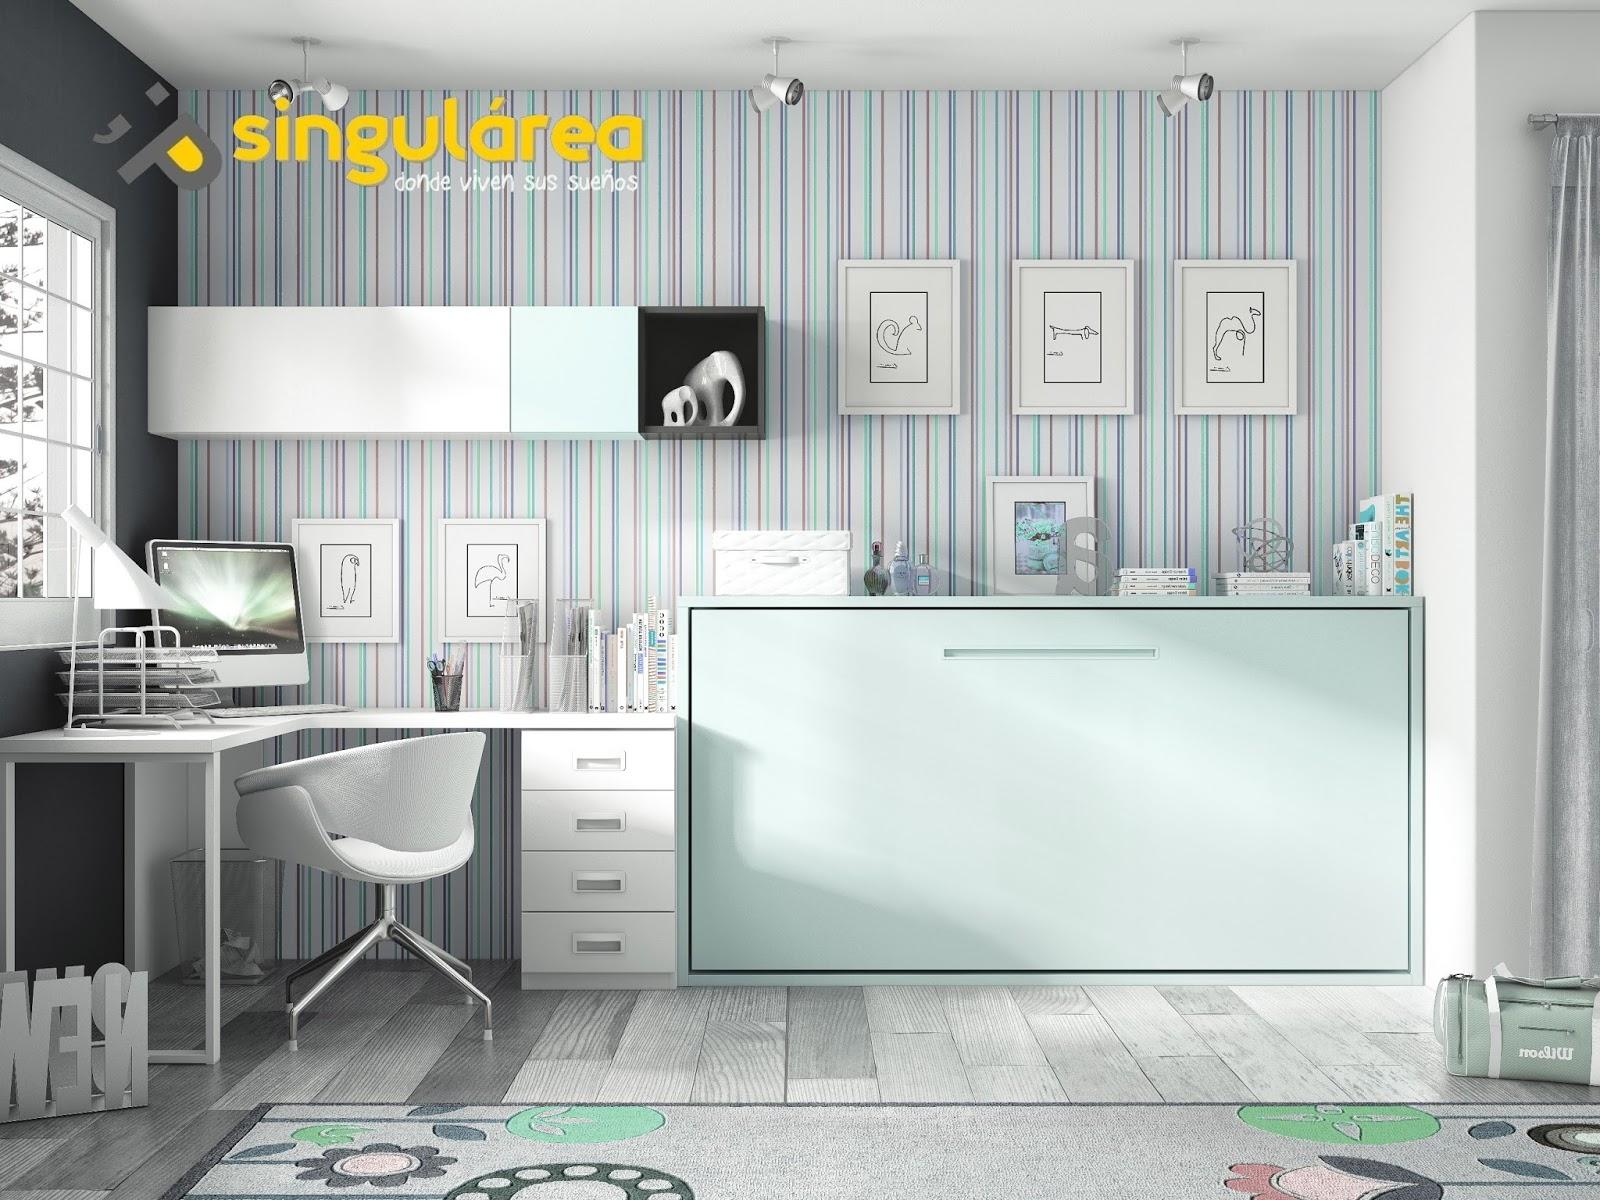 Dormitorio juvenil fm346 - Habitaciones juveniles en valencia ...